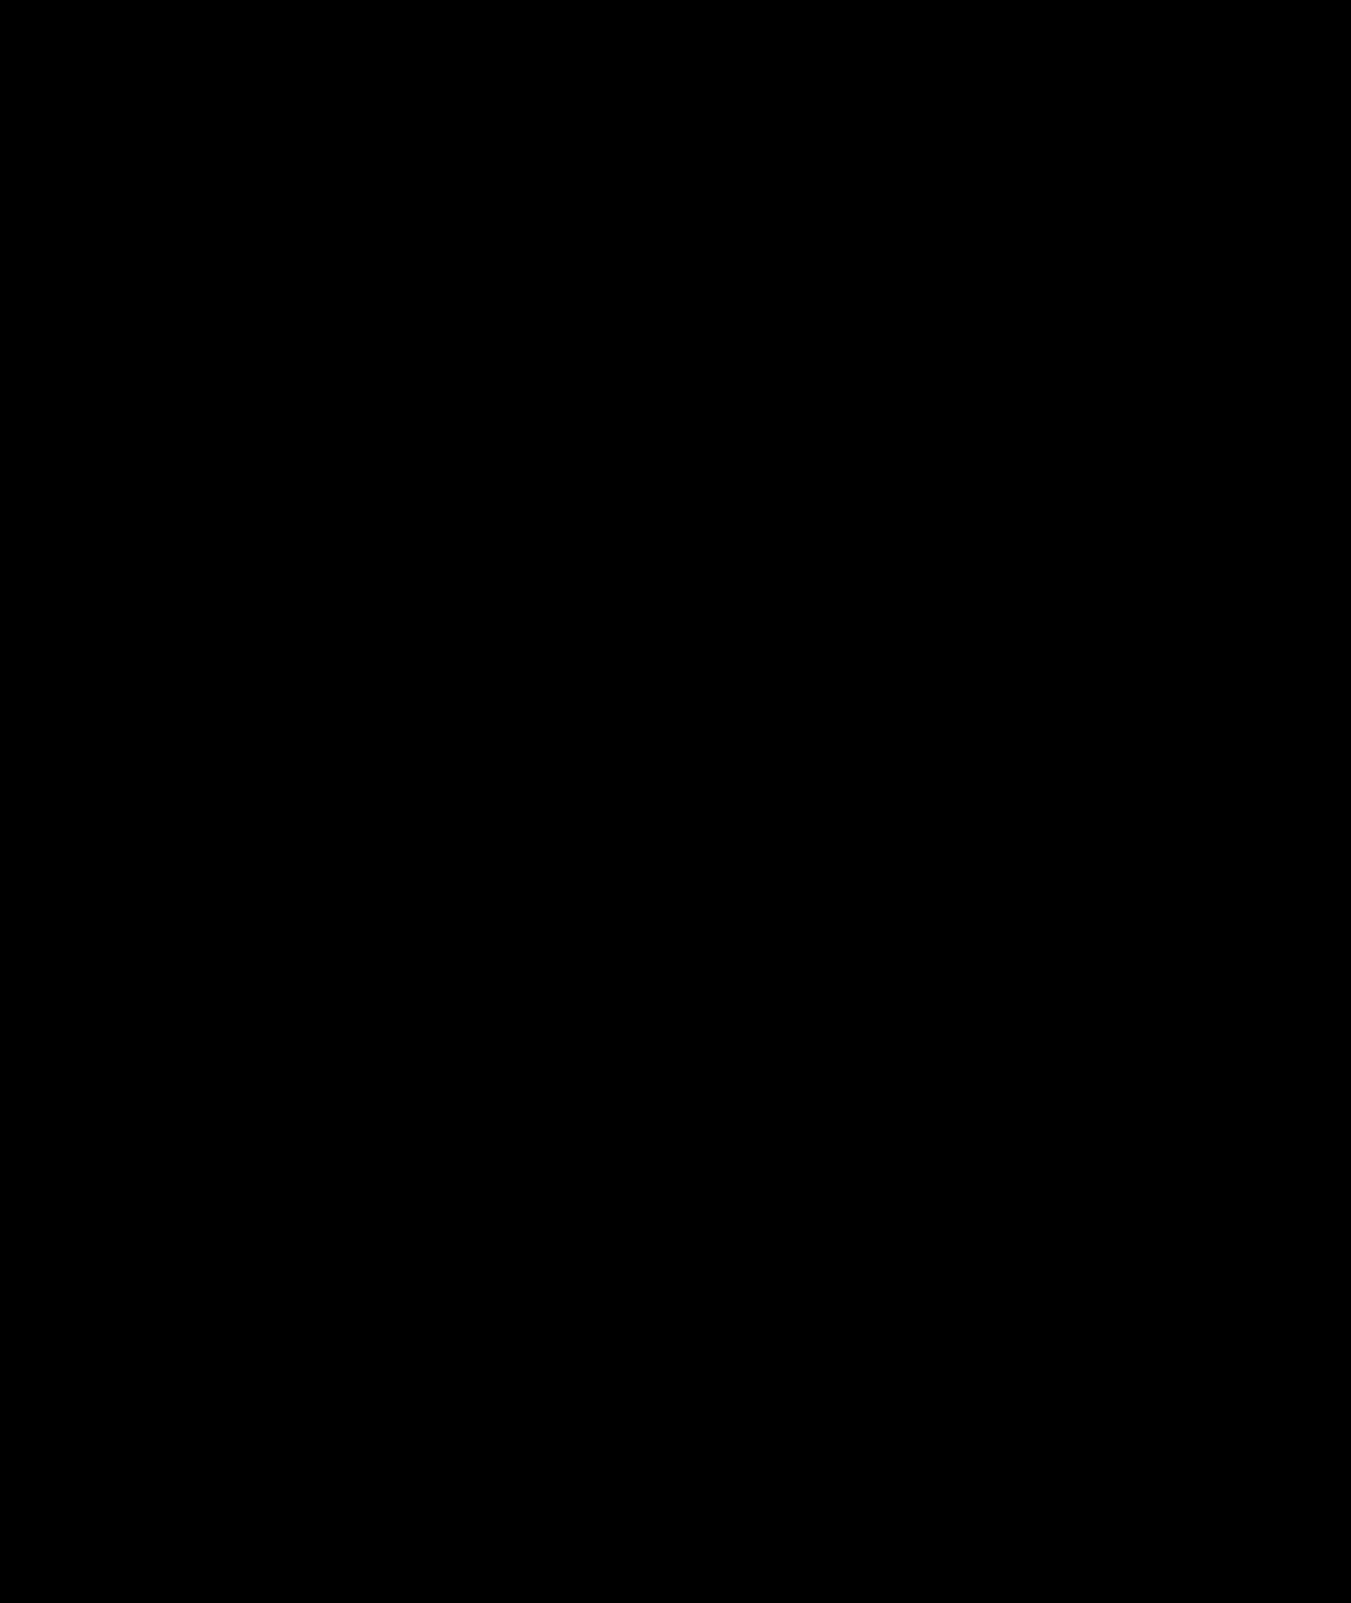 程序实现对称正定矩阵的求逆